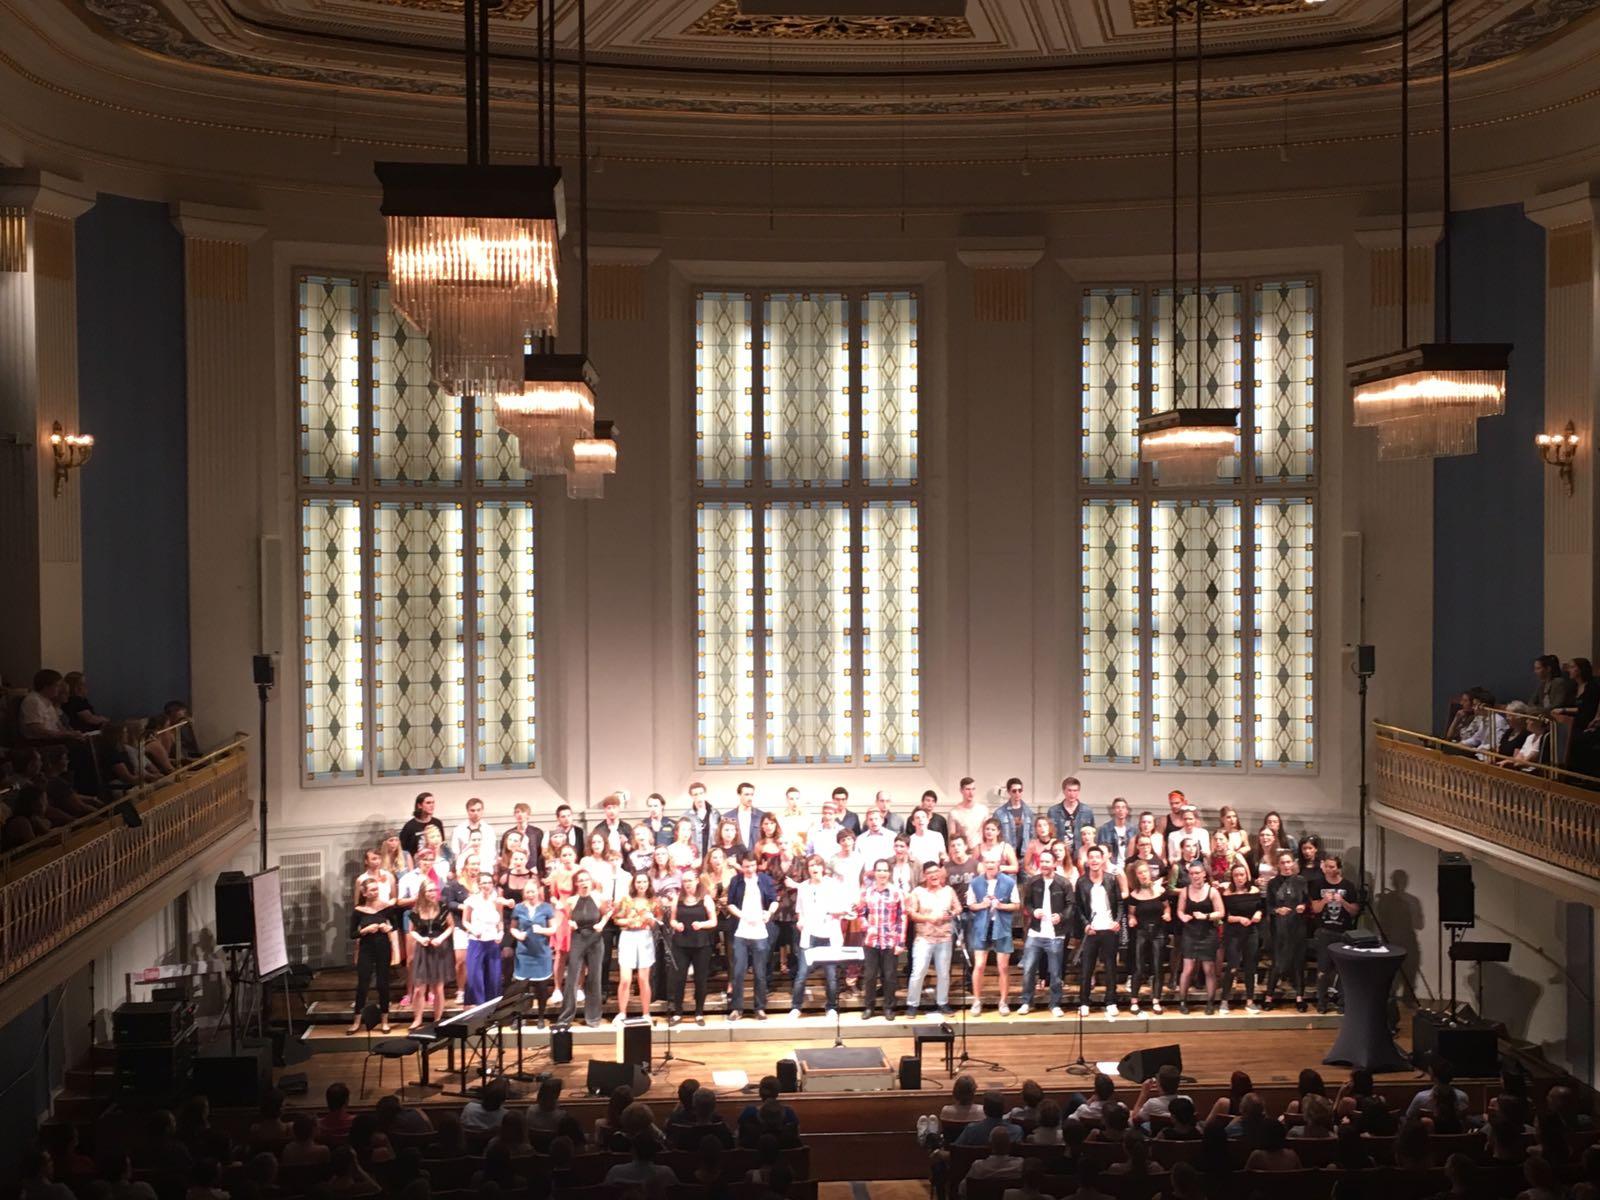 We entertained you! - Stimmen zum Konzert im Mozart-Saal